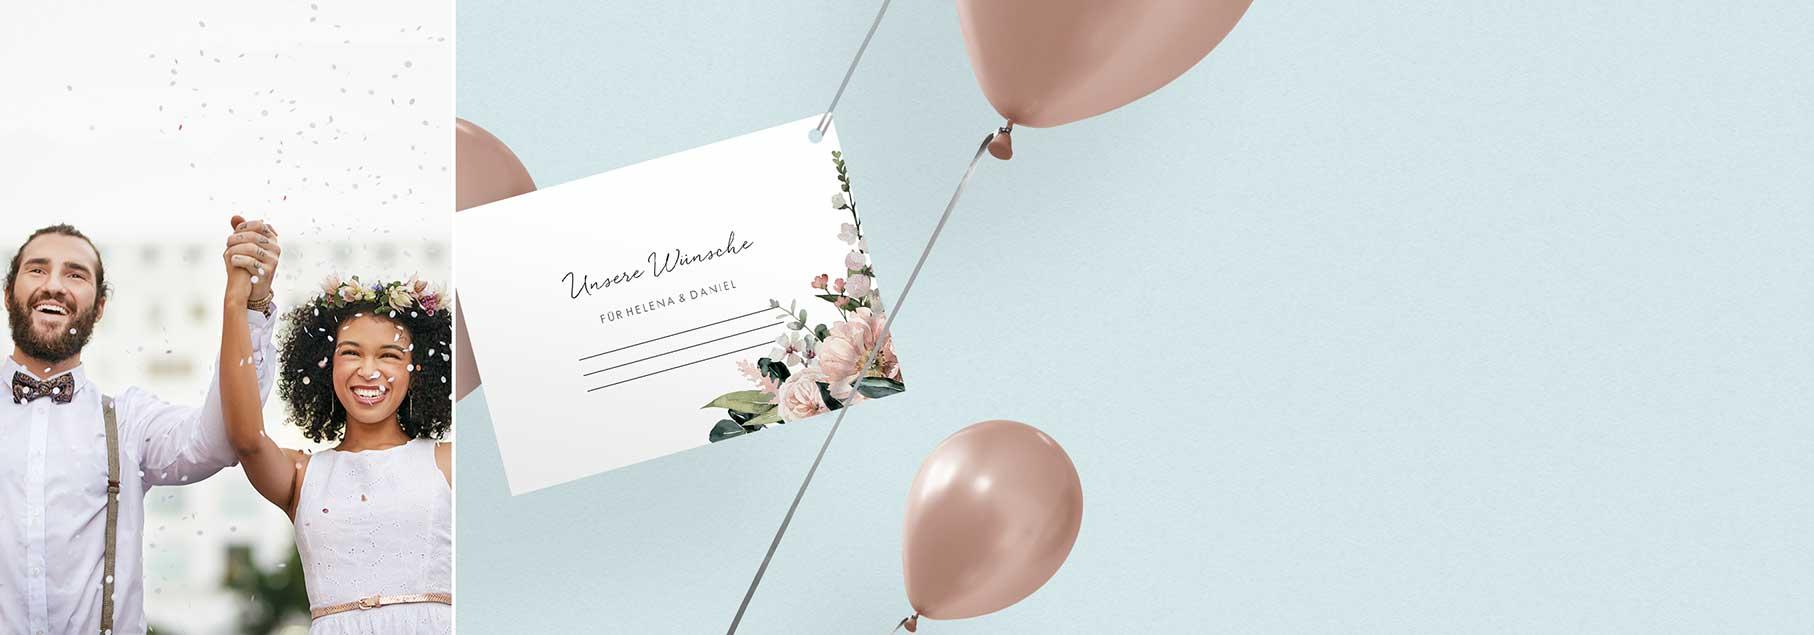 Hochzeit Ballonkarten